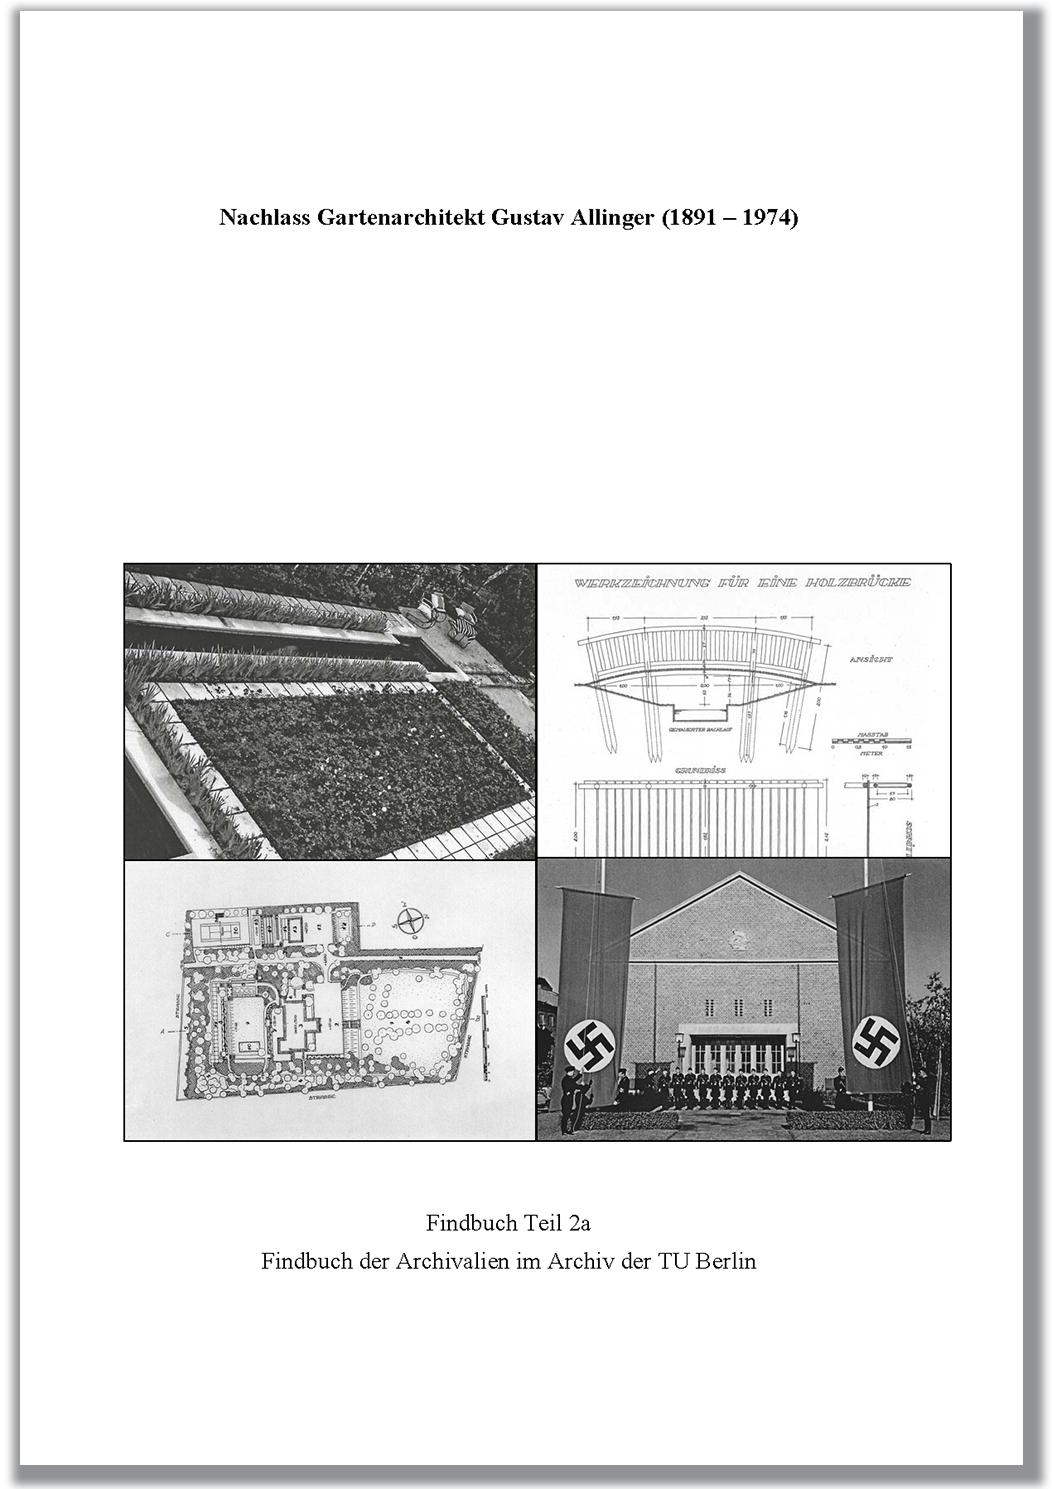 """""""Nachlass Gartenarchitekt Gustav Allinger, Findbuch Teil 2a"""""""